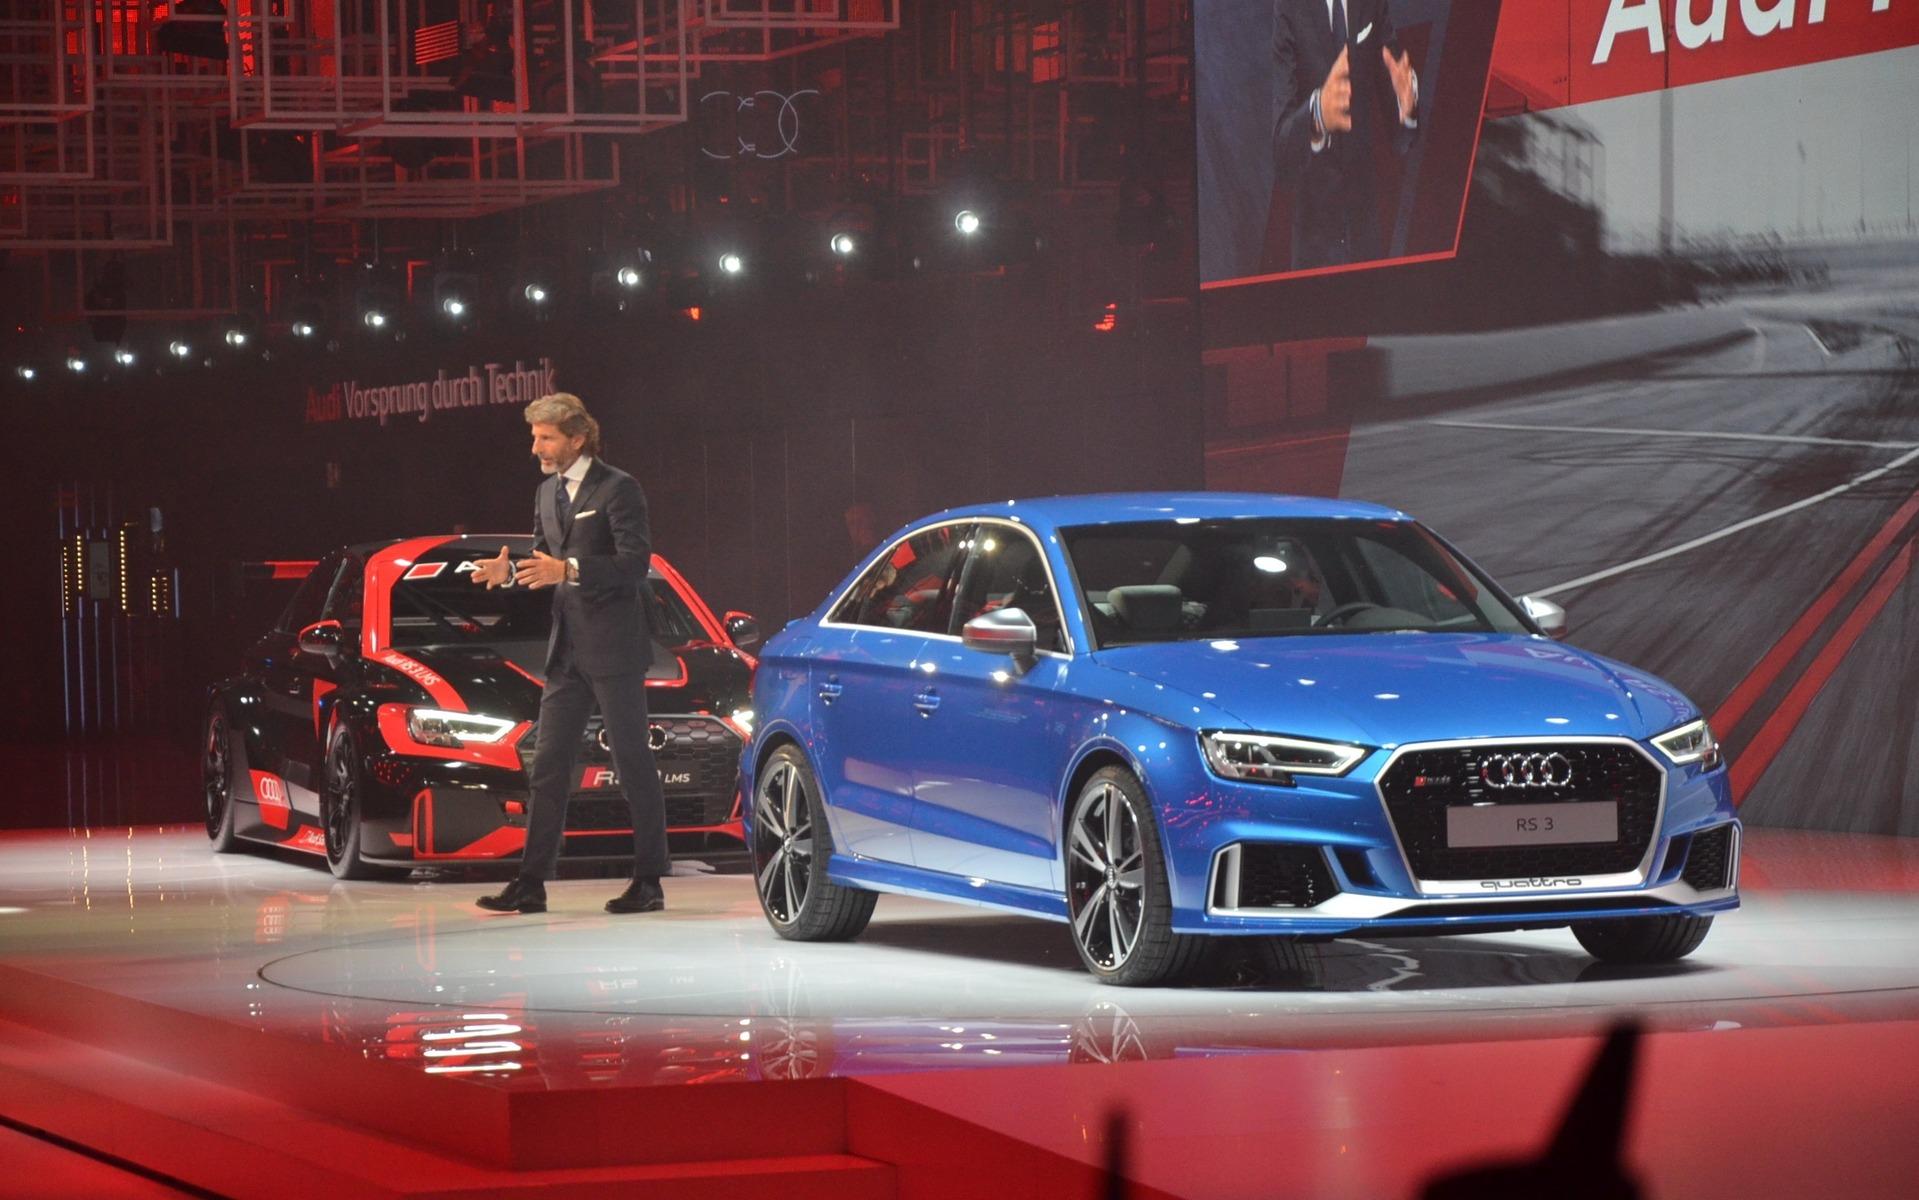 Audi RS 3 - Arrivée programmée au Canada à l'été 2017